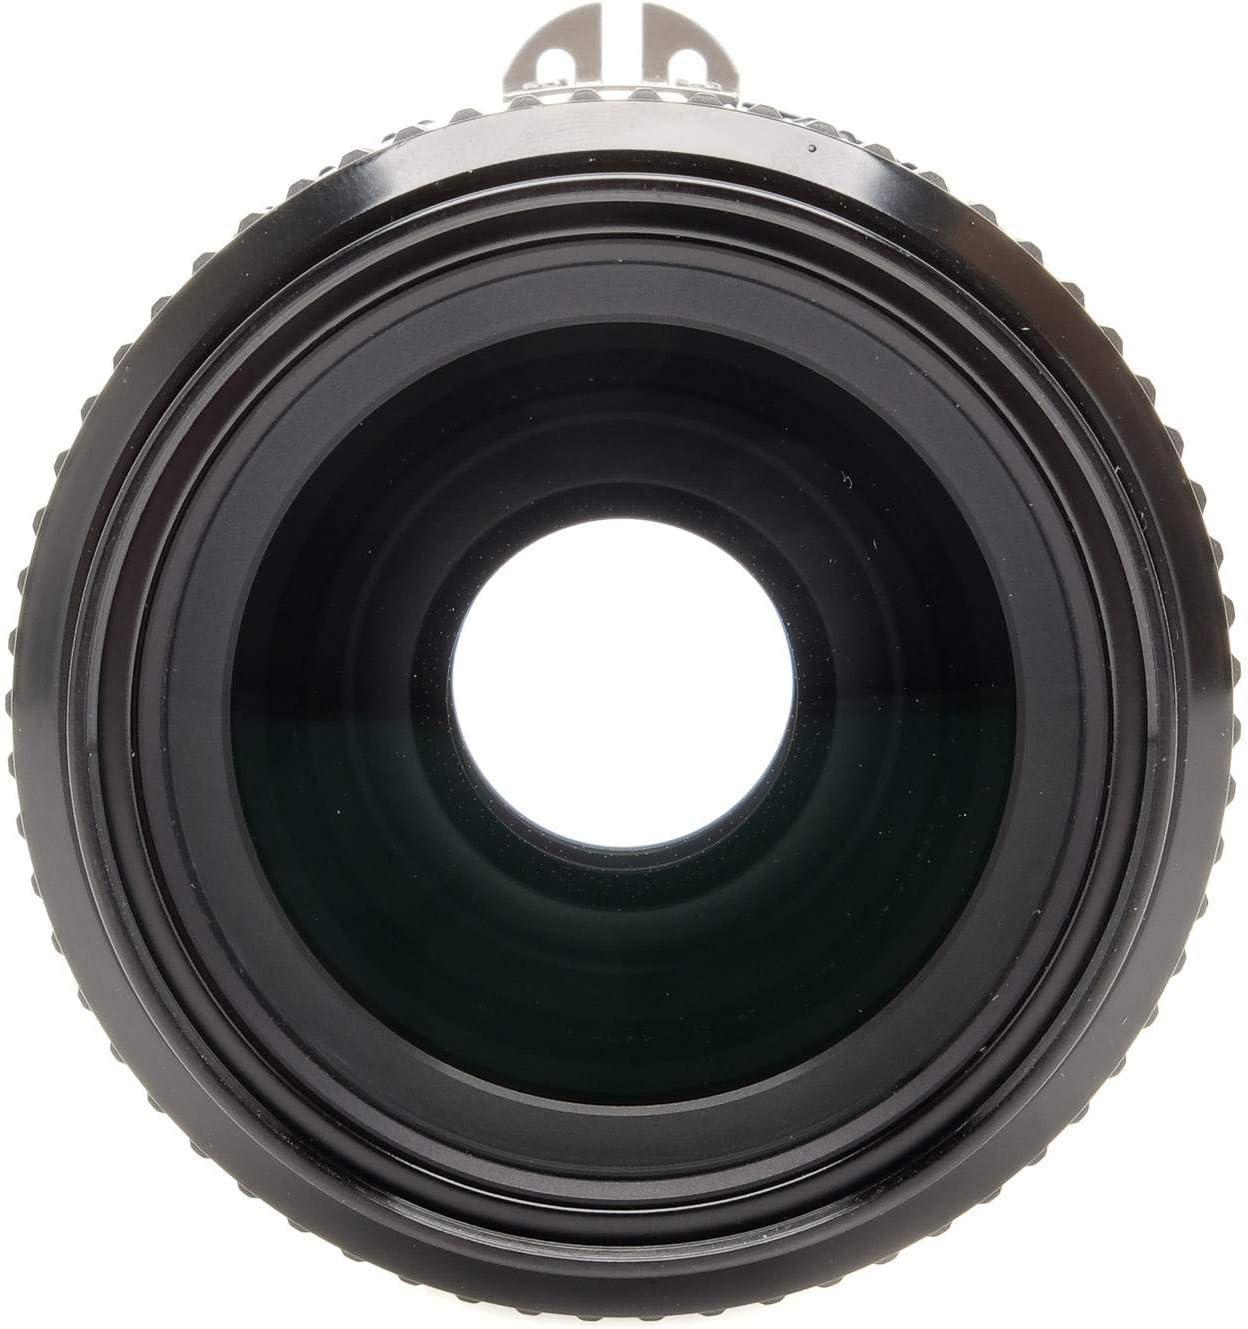 NIKON NIKKOR AI-S 35mm F2.0 F//2.0 Lens #9989